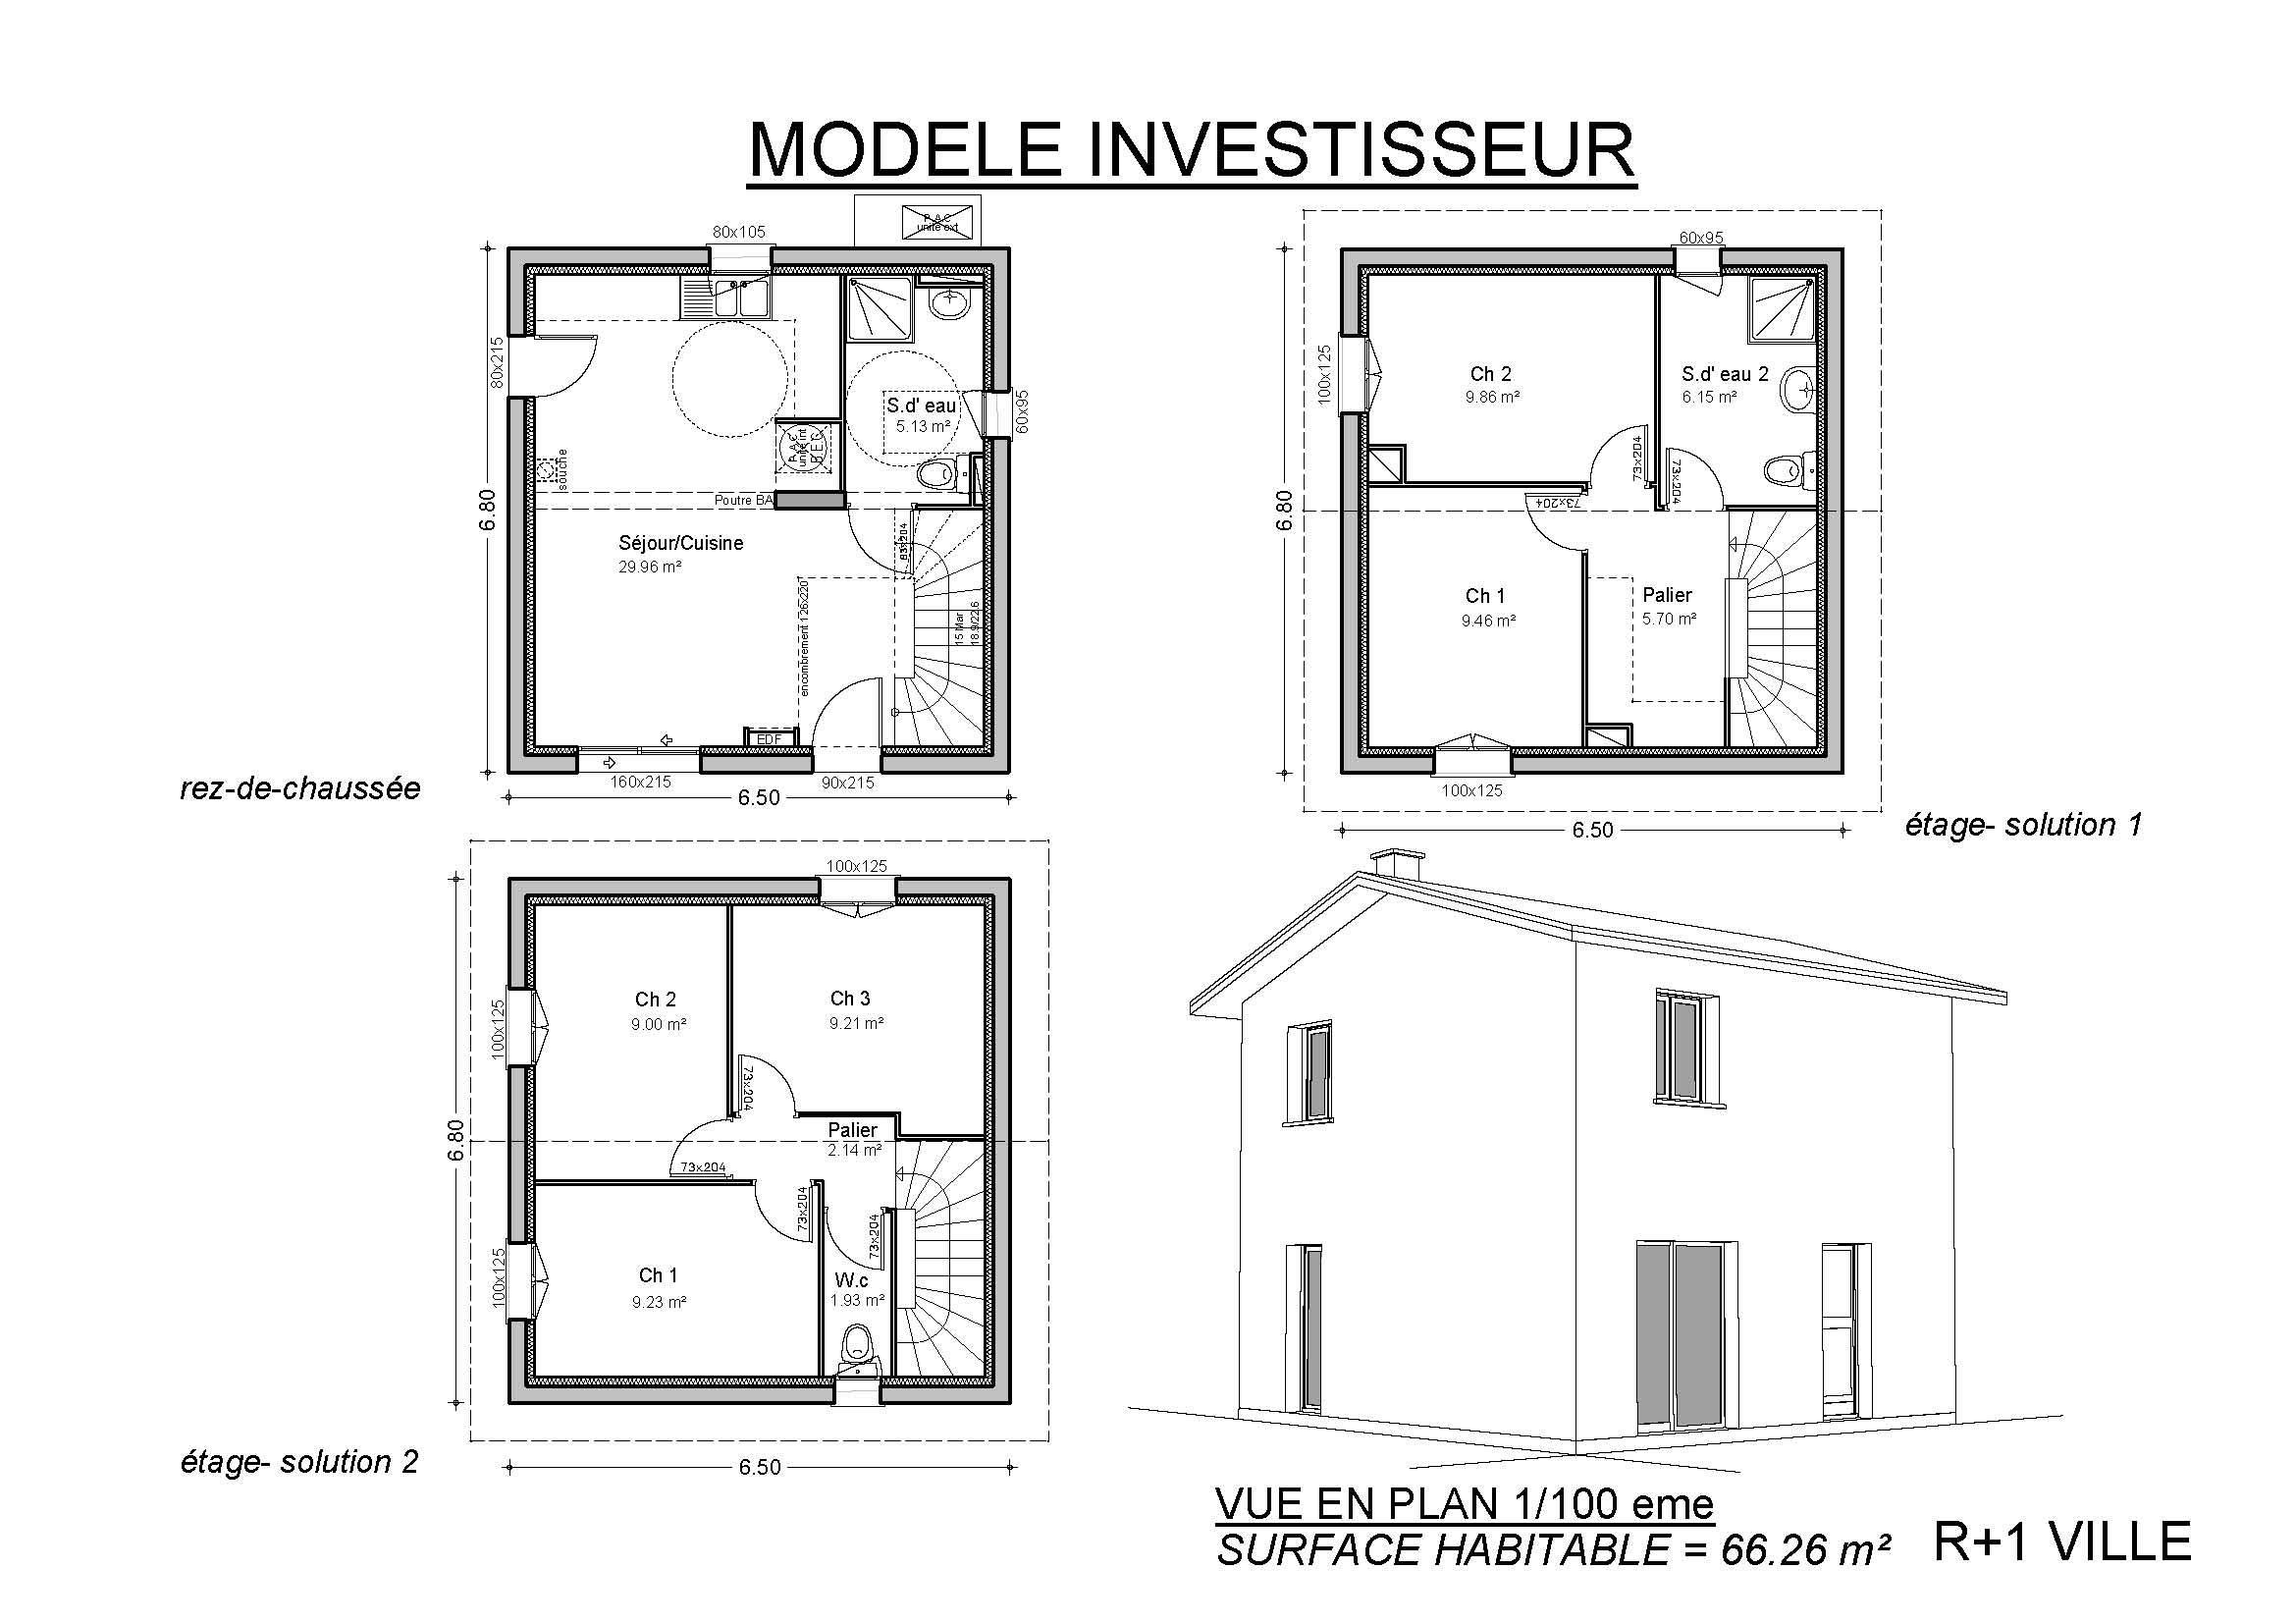 Modele de plan de maison maison moderne for Modele de plan de maison moderne